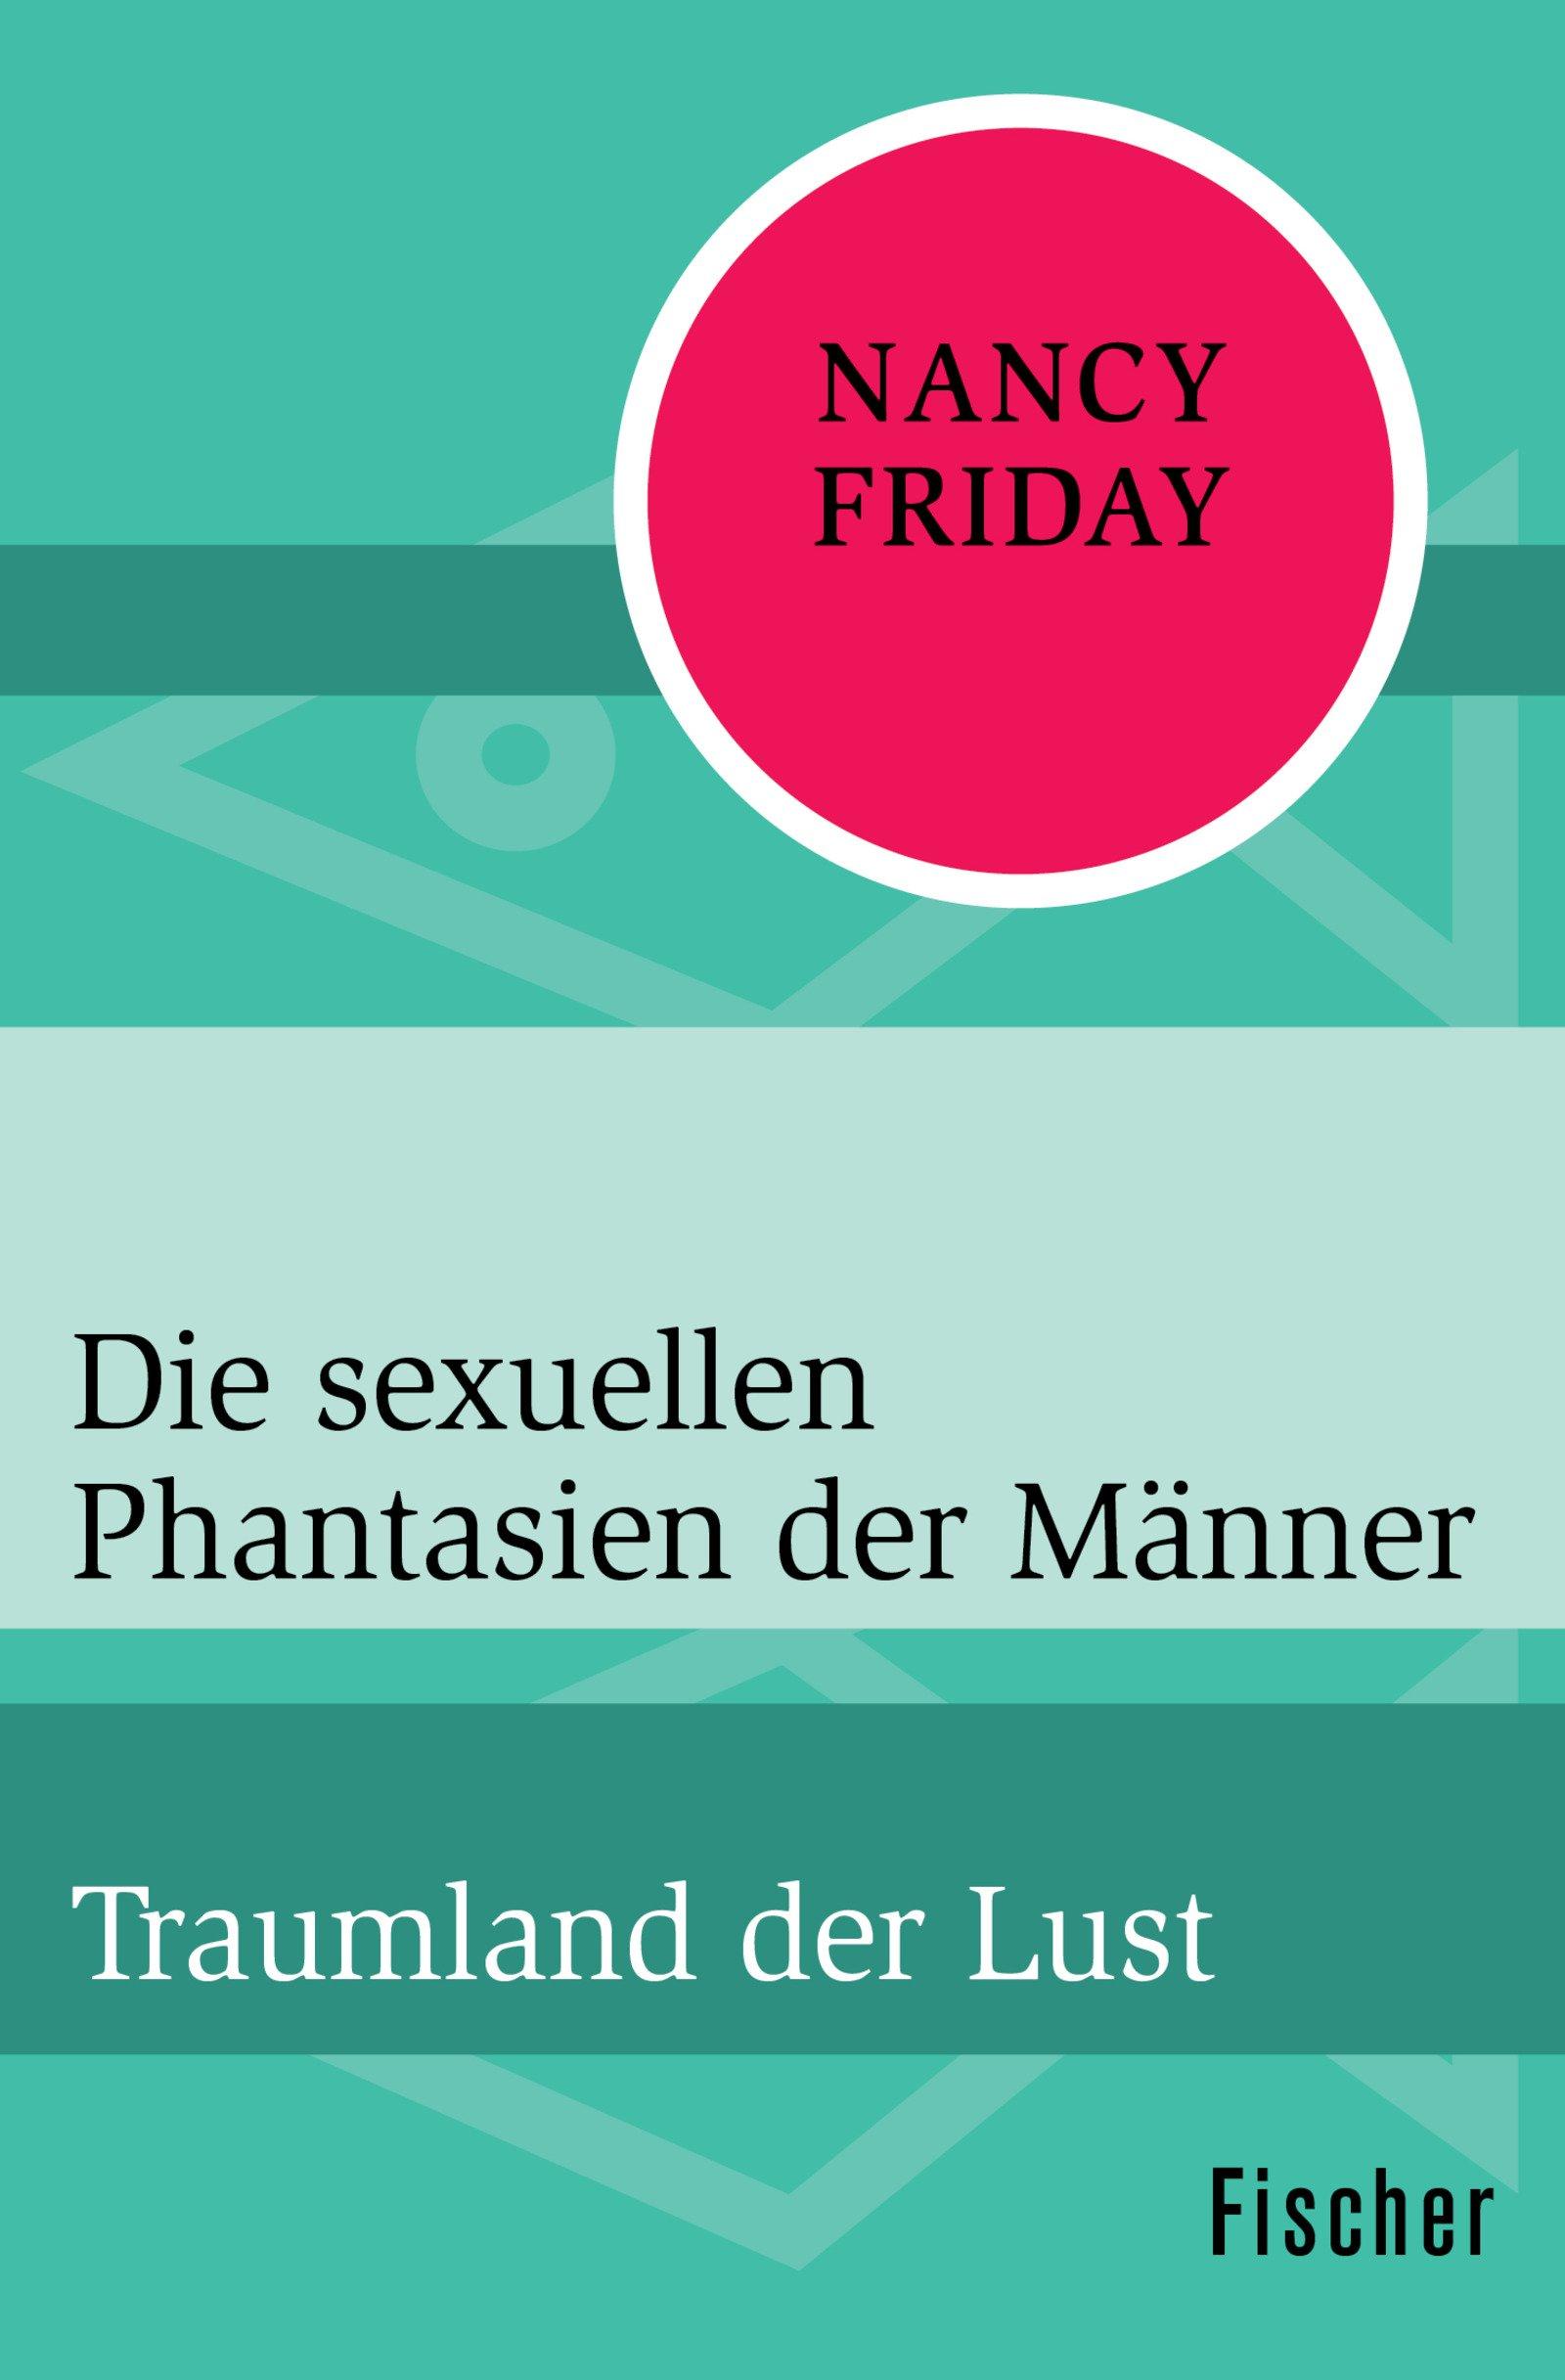 Die sexuellen Phantasien der Männer: Traumland der Lust Taschenbuch – 27. Oktober 2017 Nancy Friday Jan van Groot FISCHER Taschenbuch 359631903X